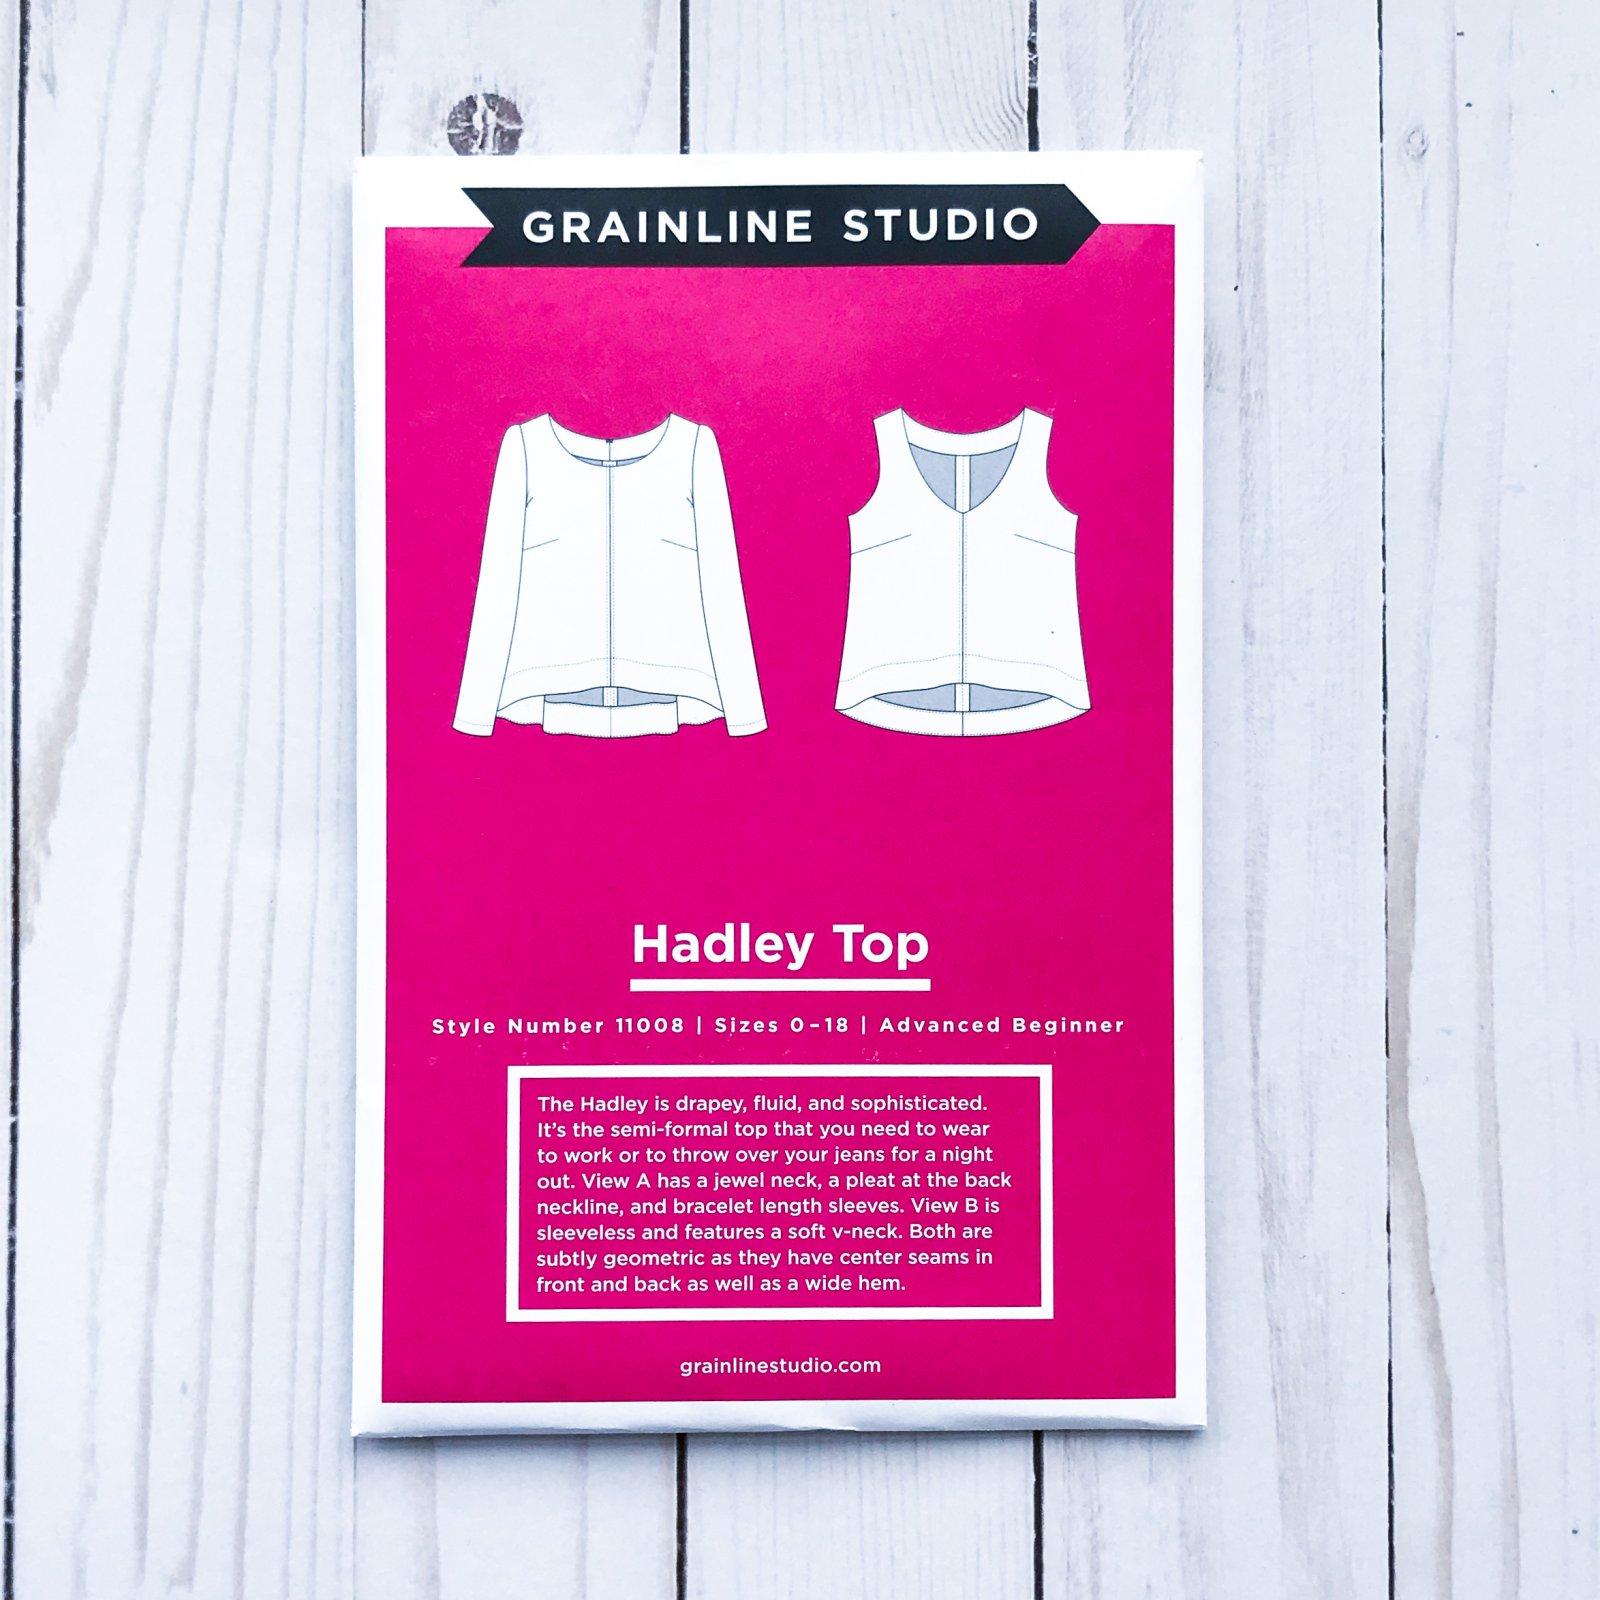 Grainline Studios - Hadley Top